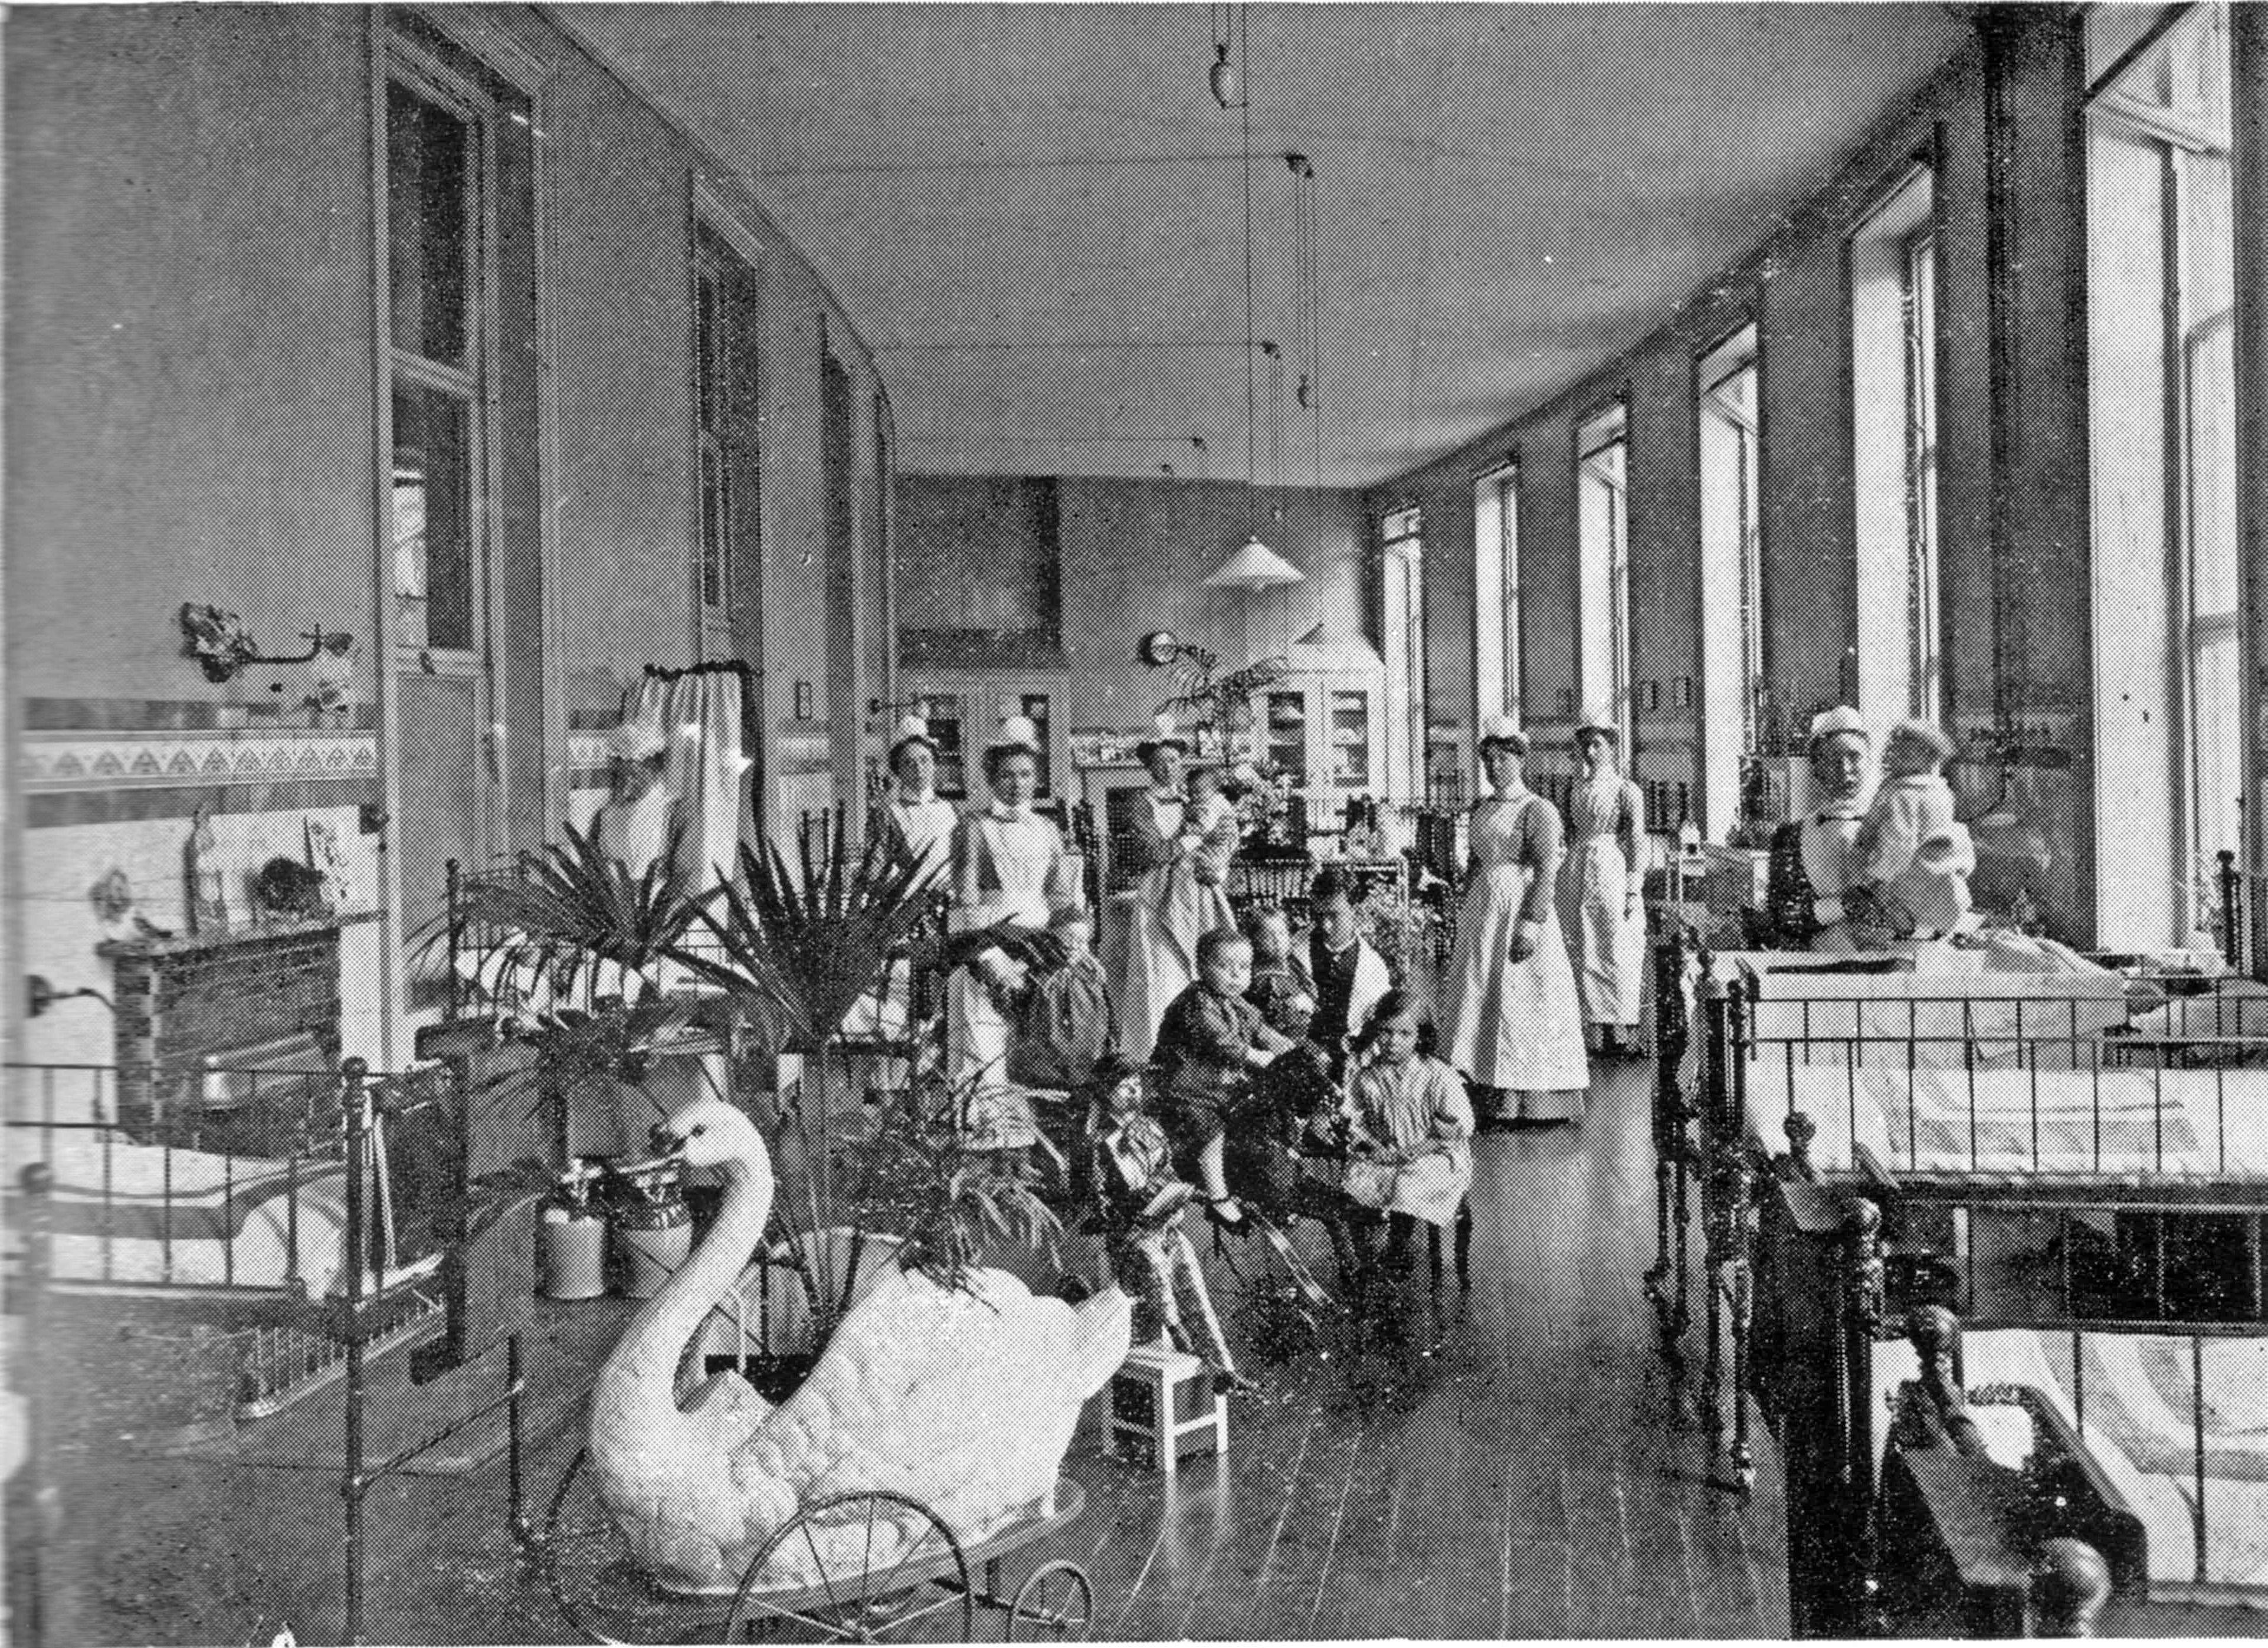 History of Hospital